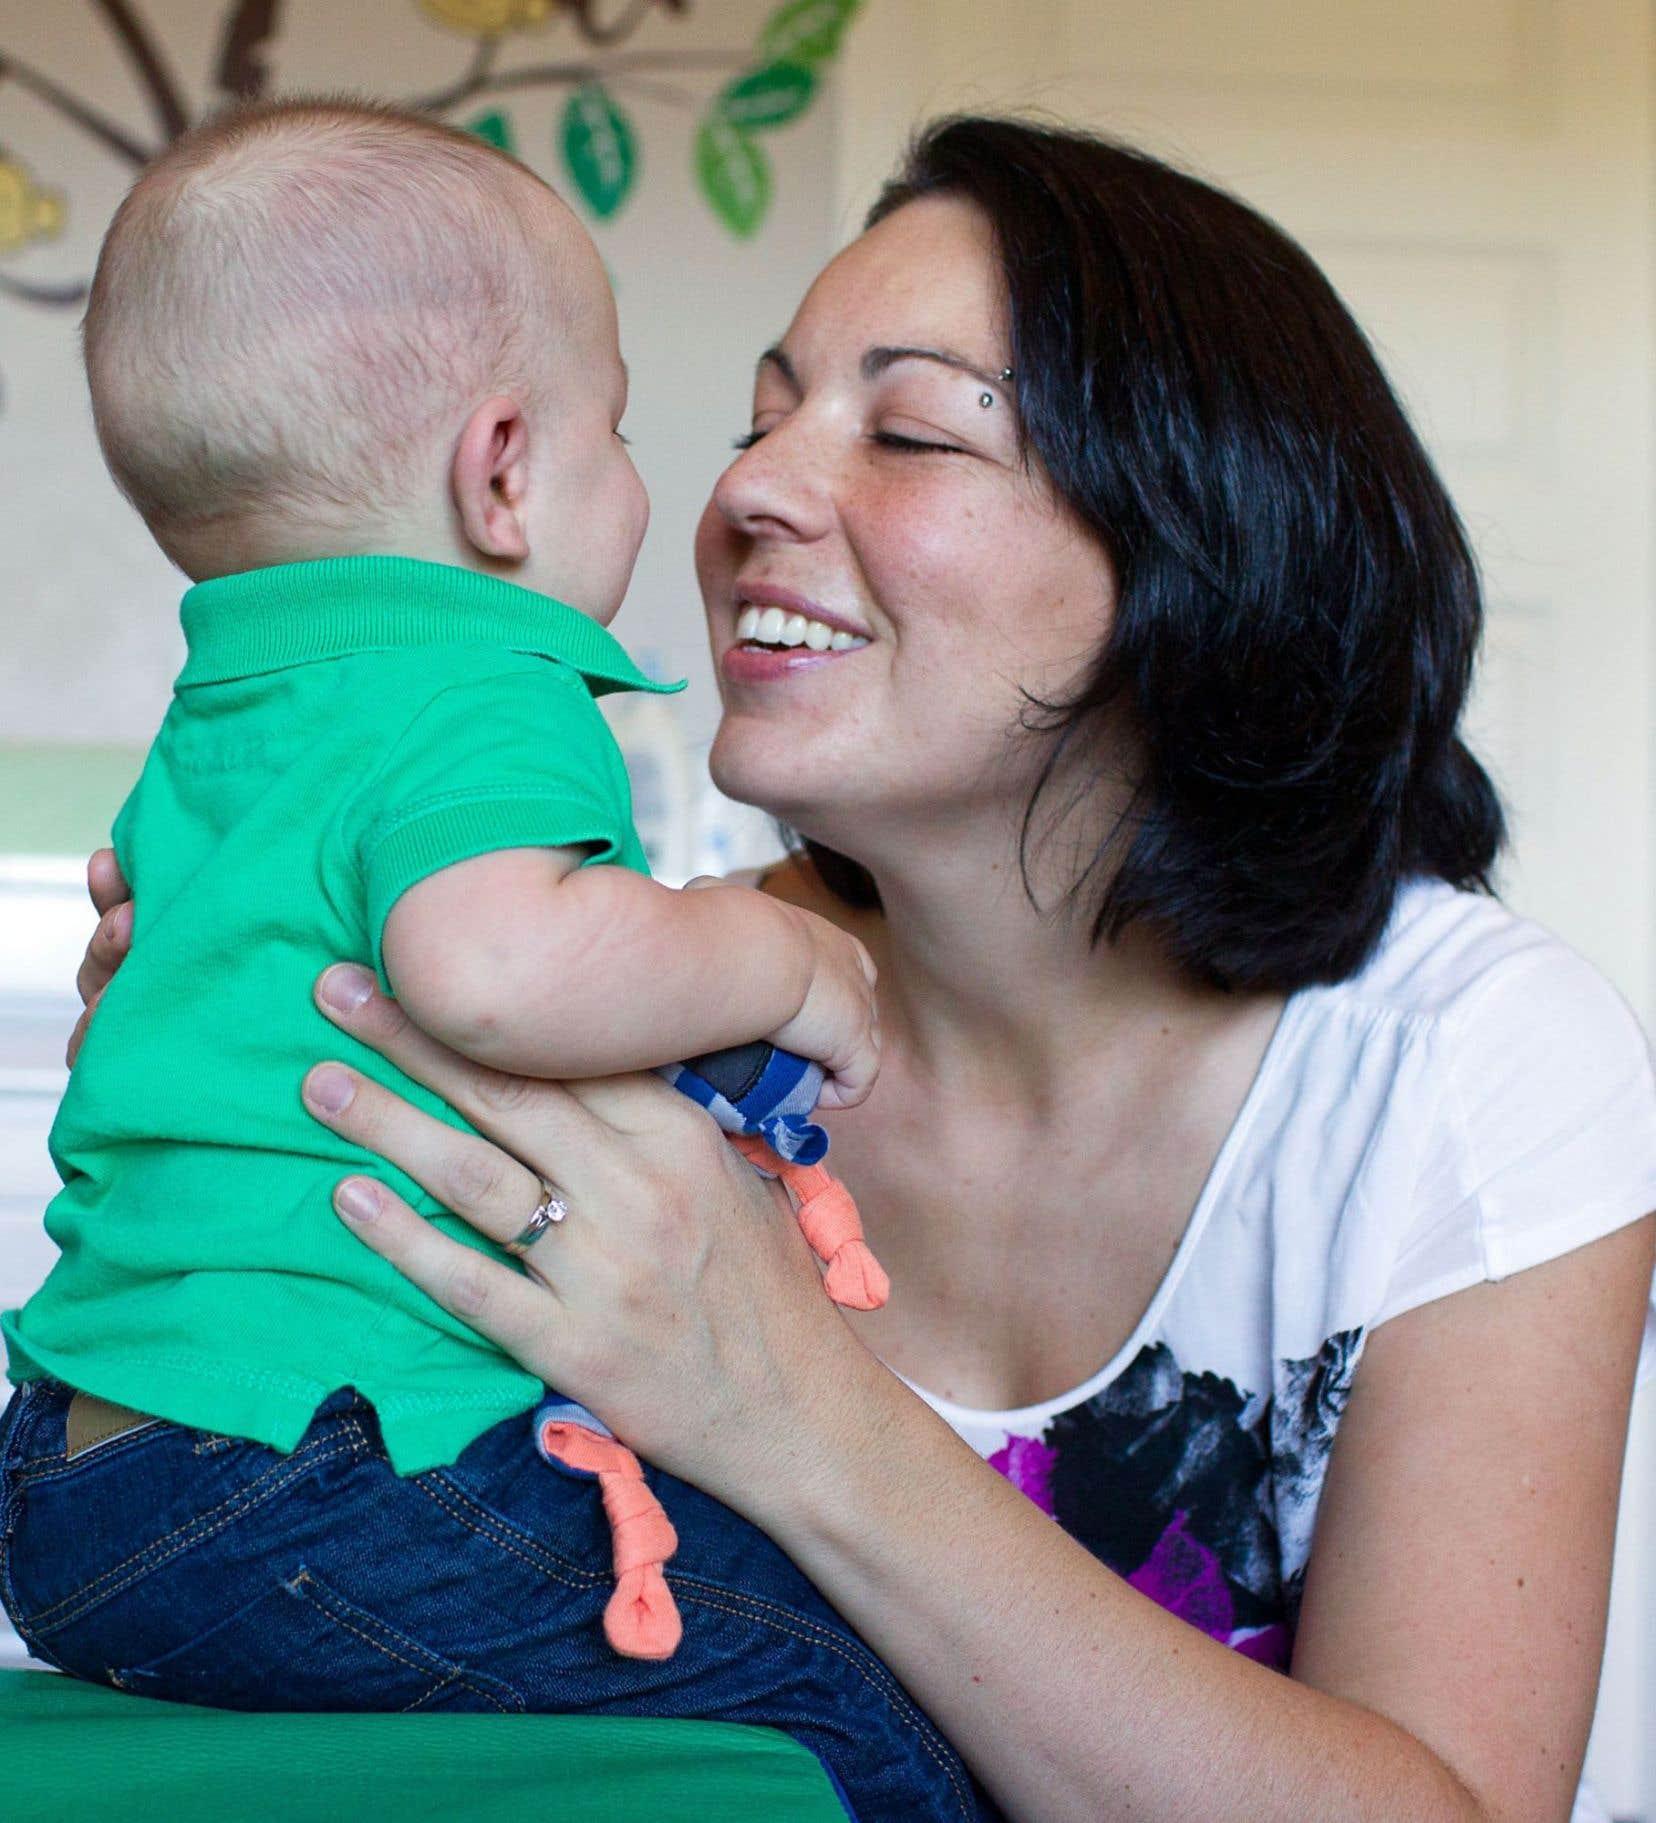 La DreÉvelyne Bourdua-Roy, dont la réumération avait été amputée pendant le congé de maternité, s'est dite «très heureuse» de l'entente entre Québec et la Fédération des médecins omnipraticiens, qui corrige l'injustice.